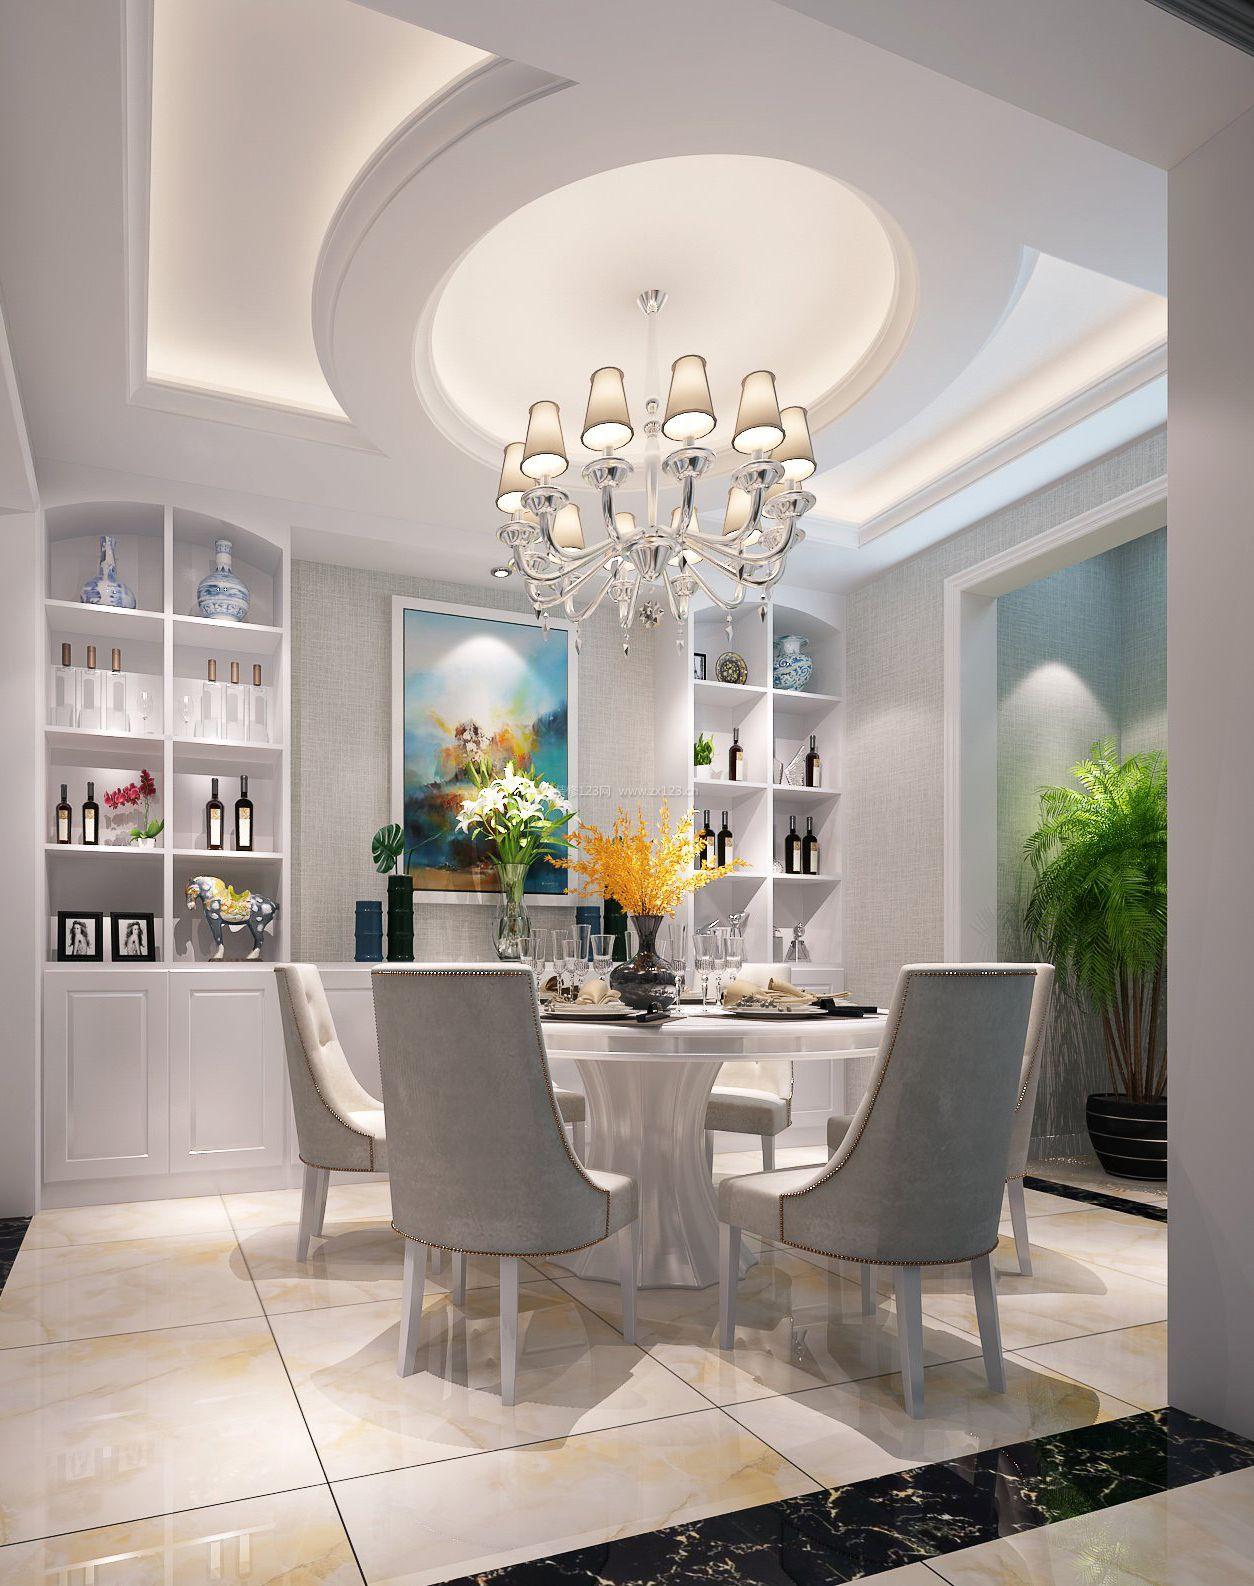 2018饭厅墙壁酒柜设计装饰效果图_装修123效果图